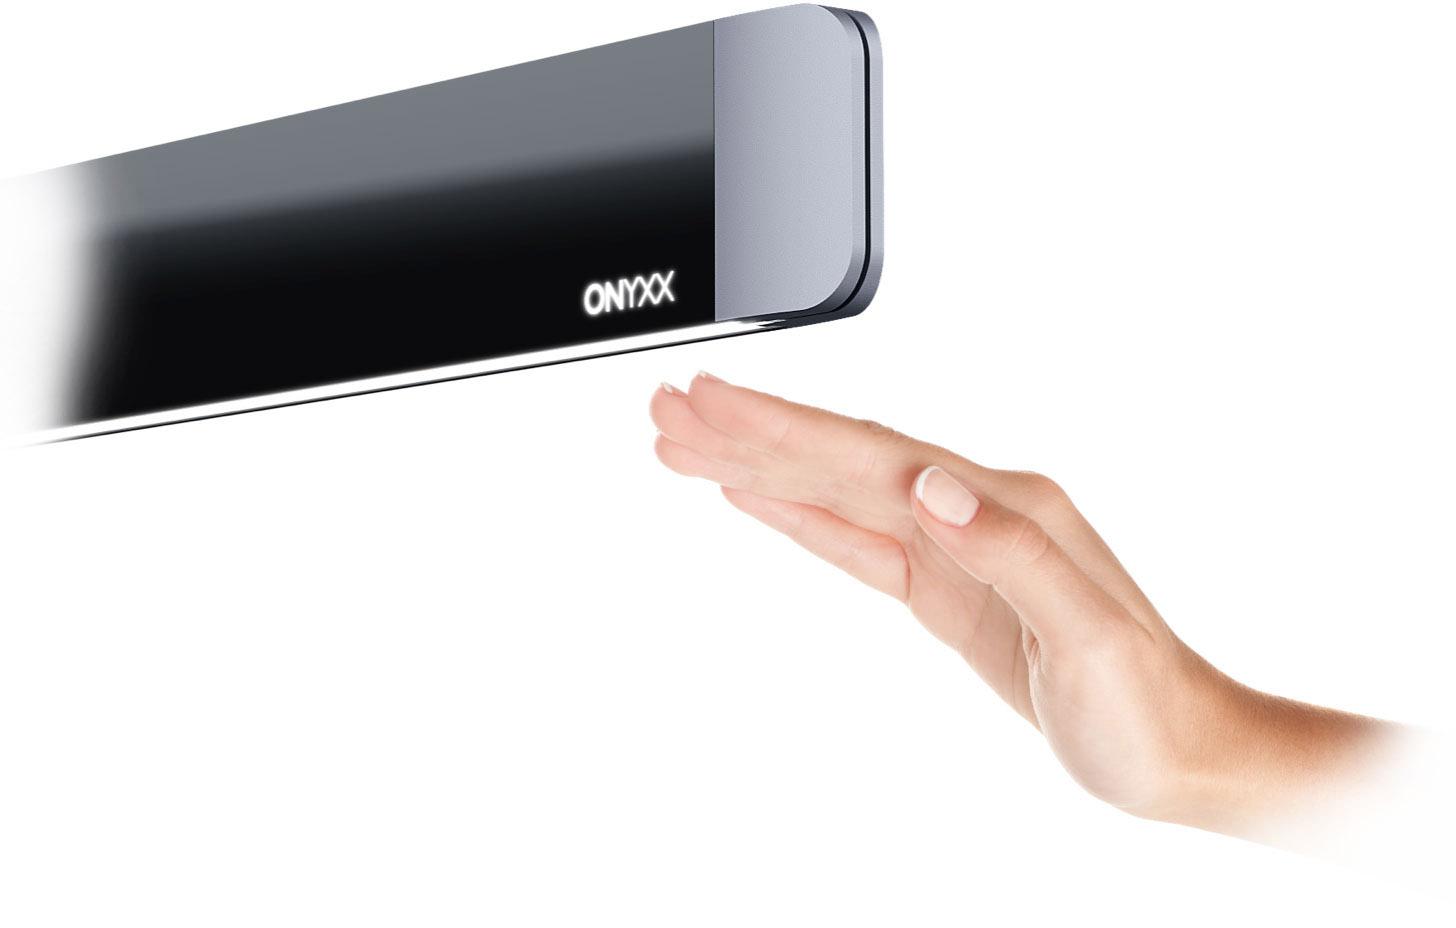 ONYXX LINEA PRO - Gestensteuerung